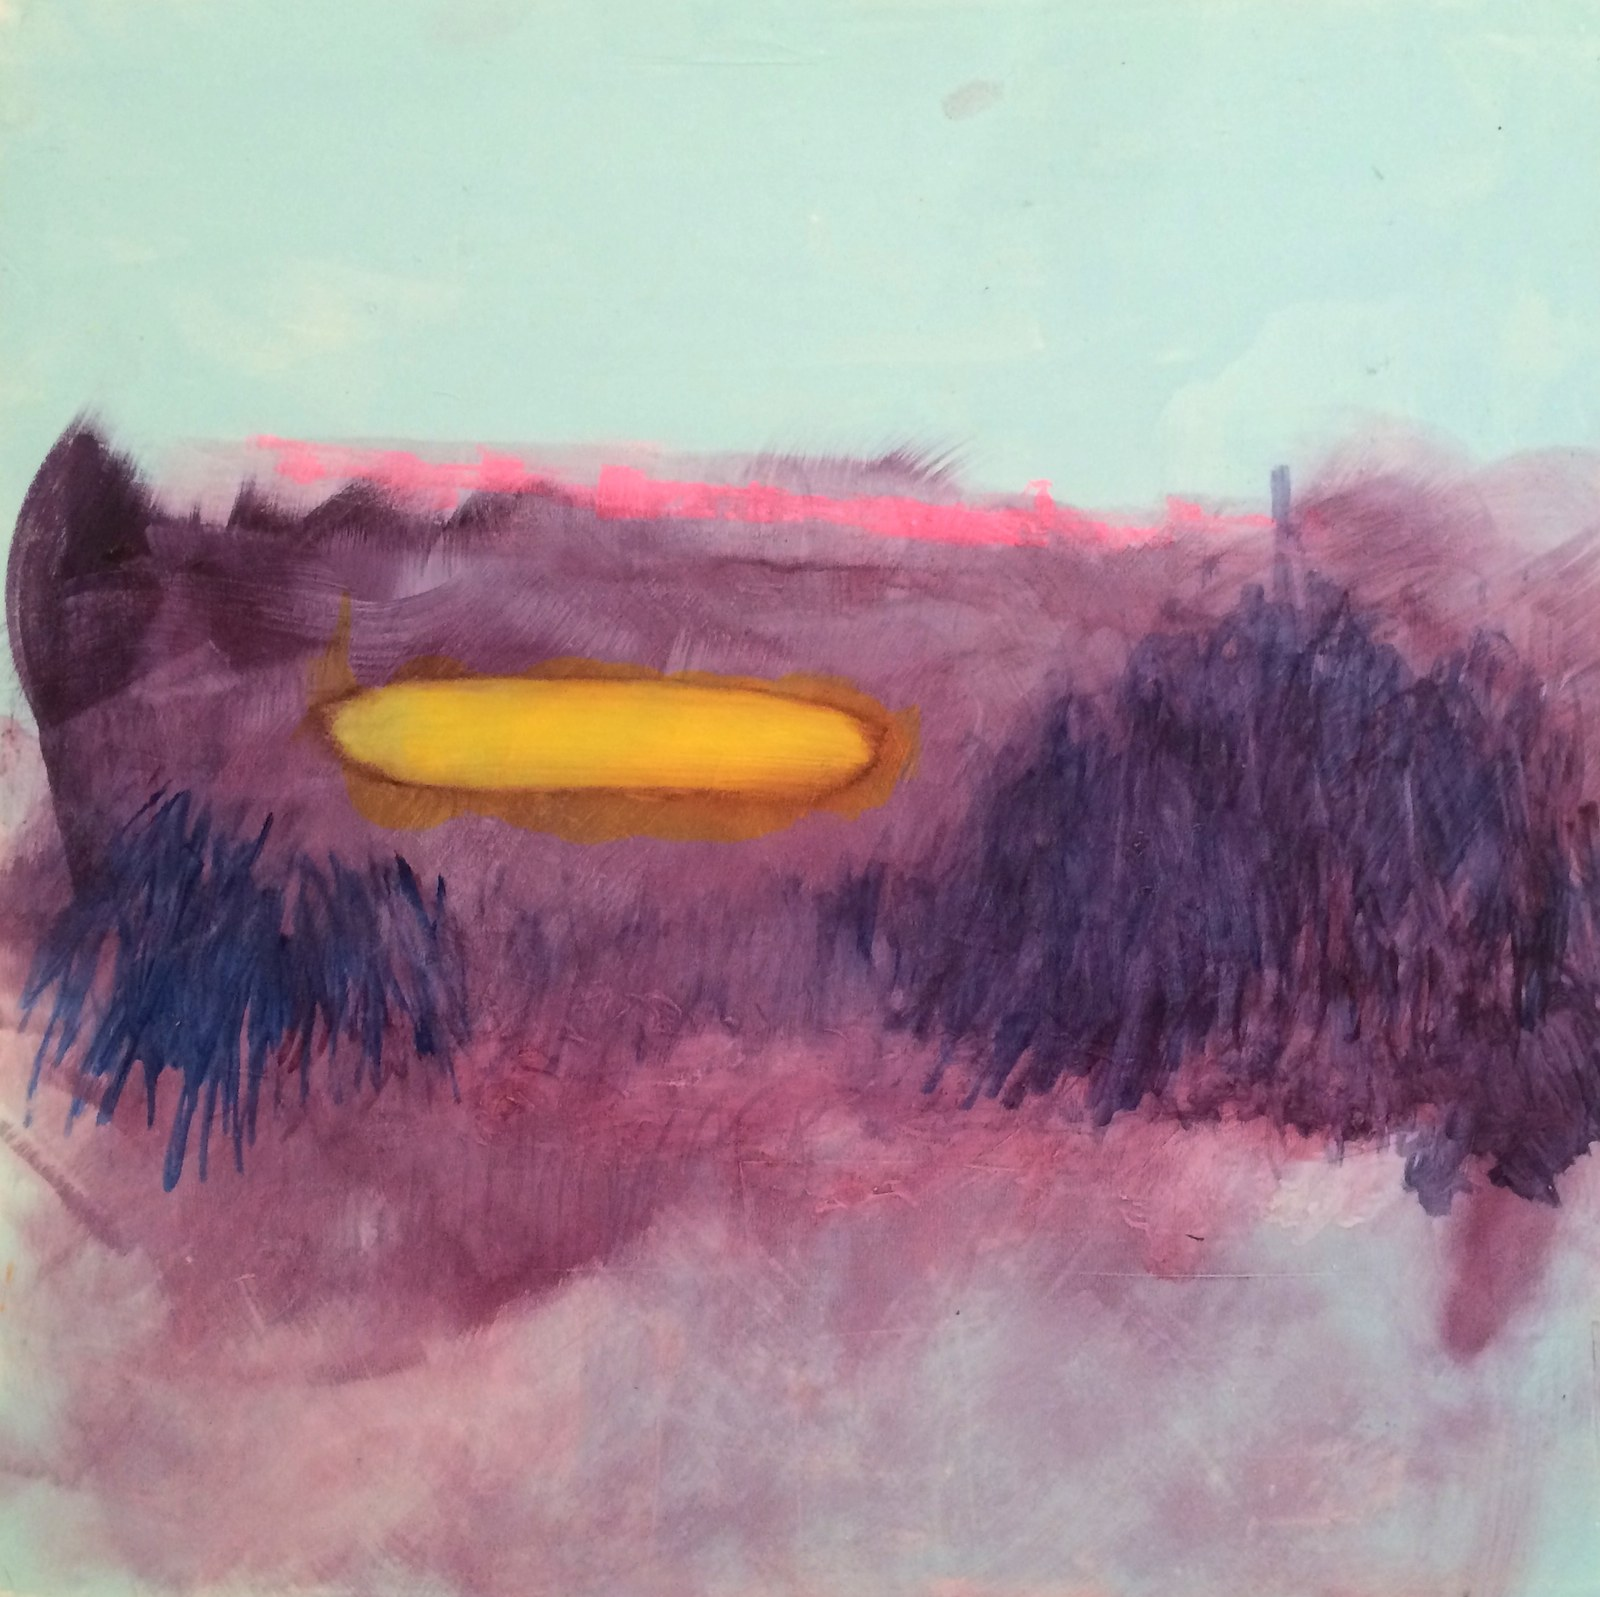 How time feels (banana boat), 40 x 40 cm, 2015, Jane Hughes